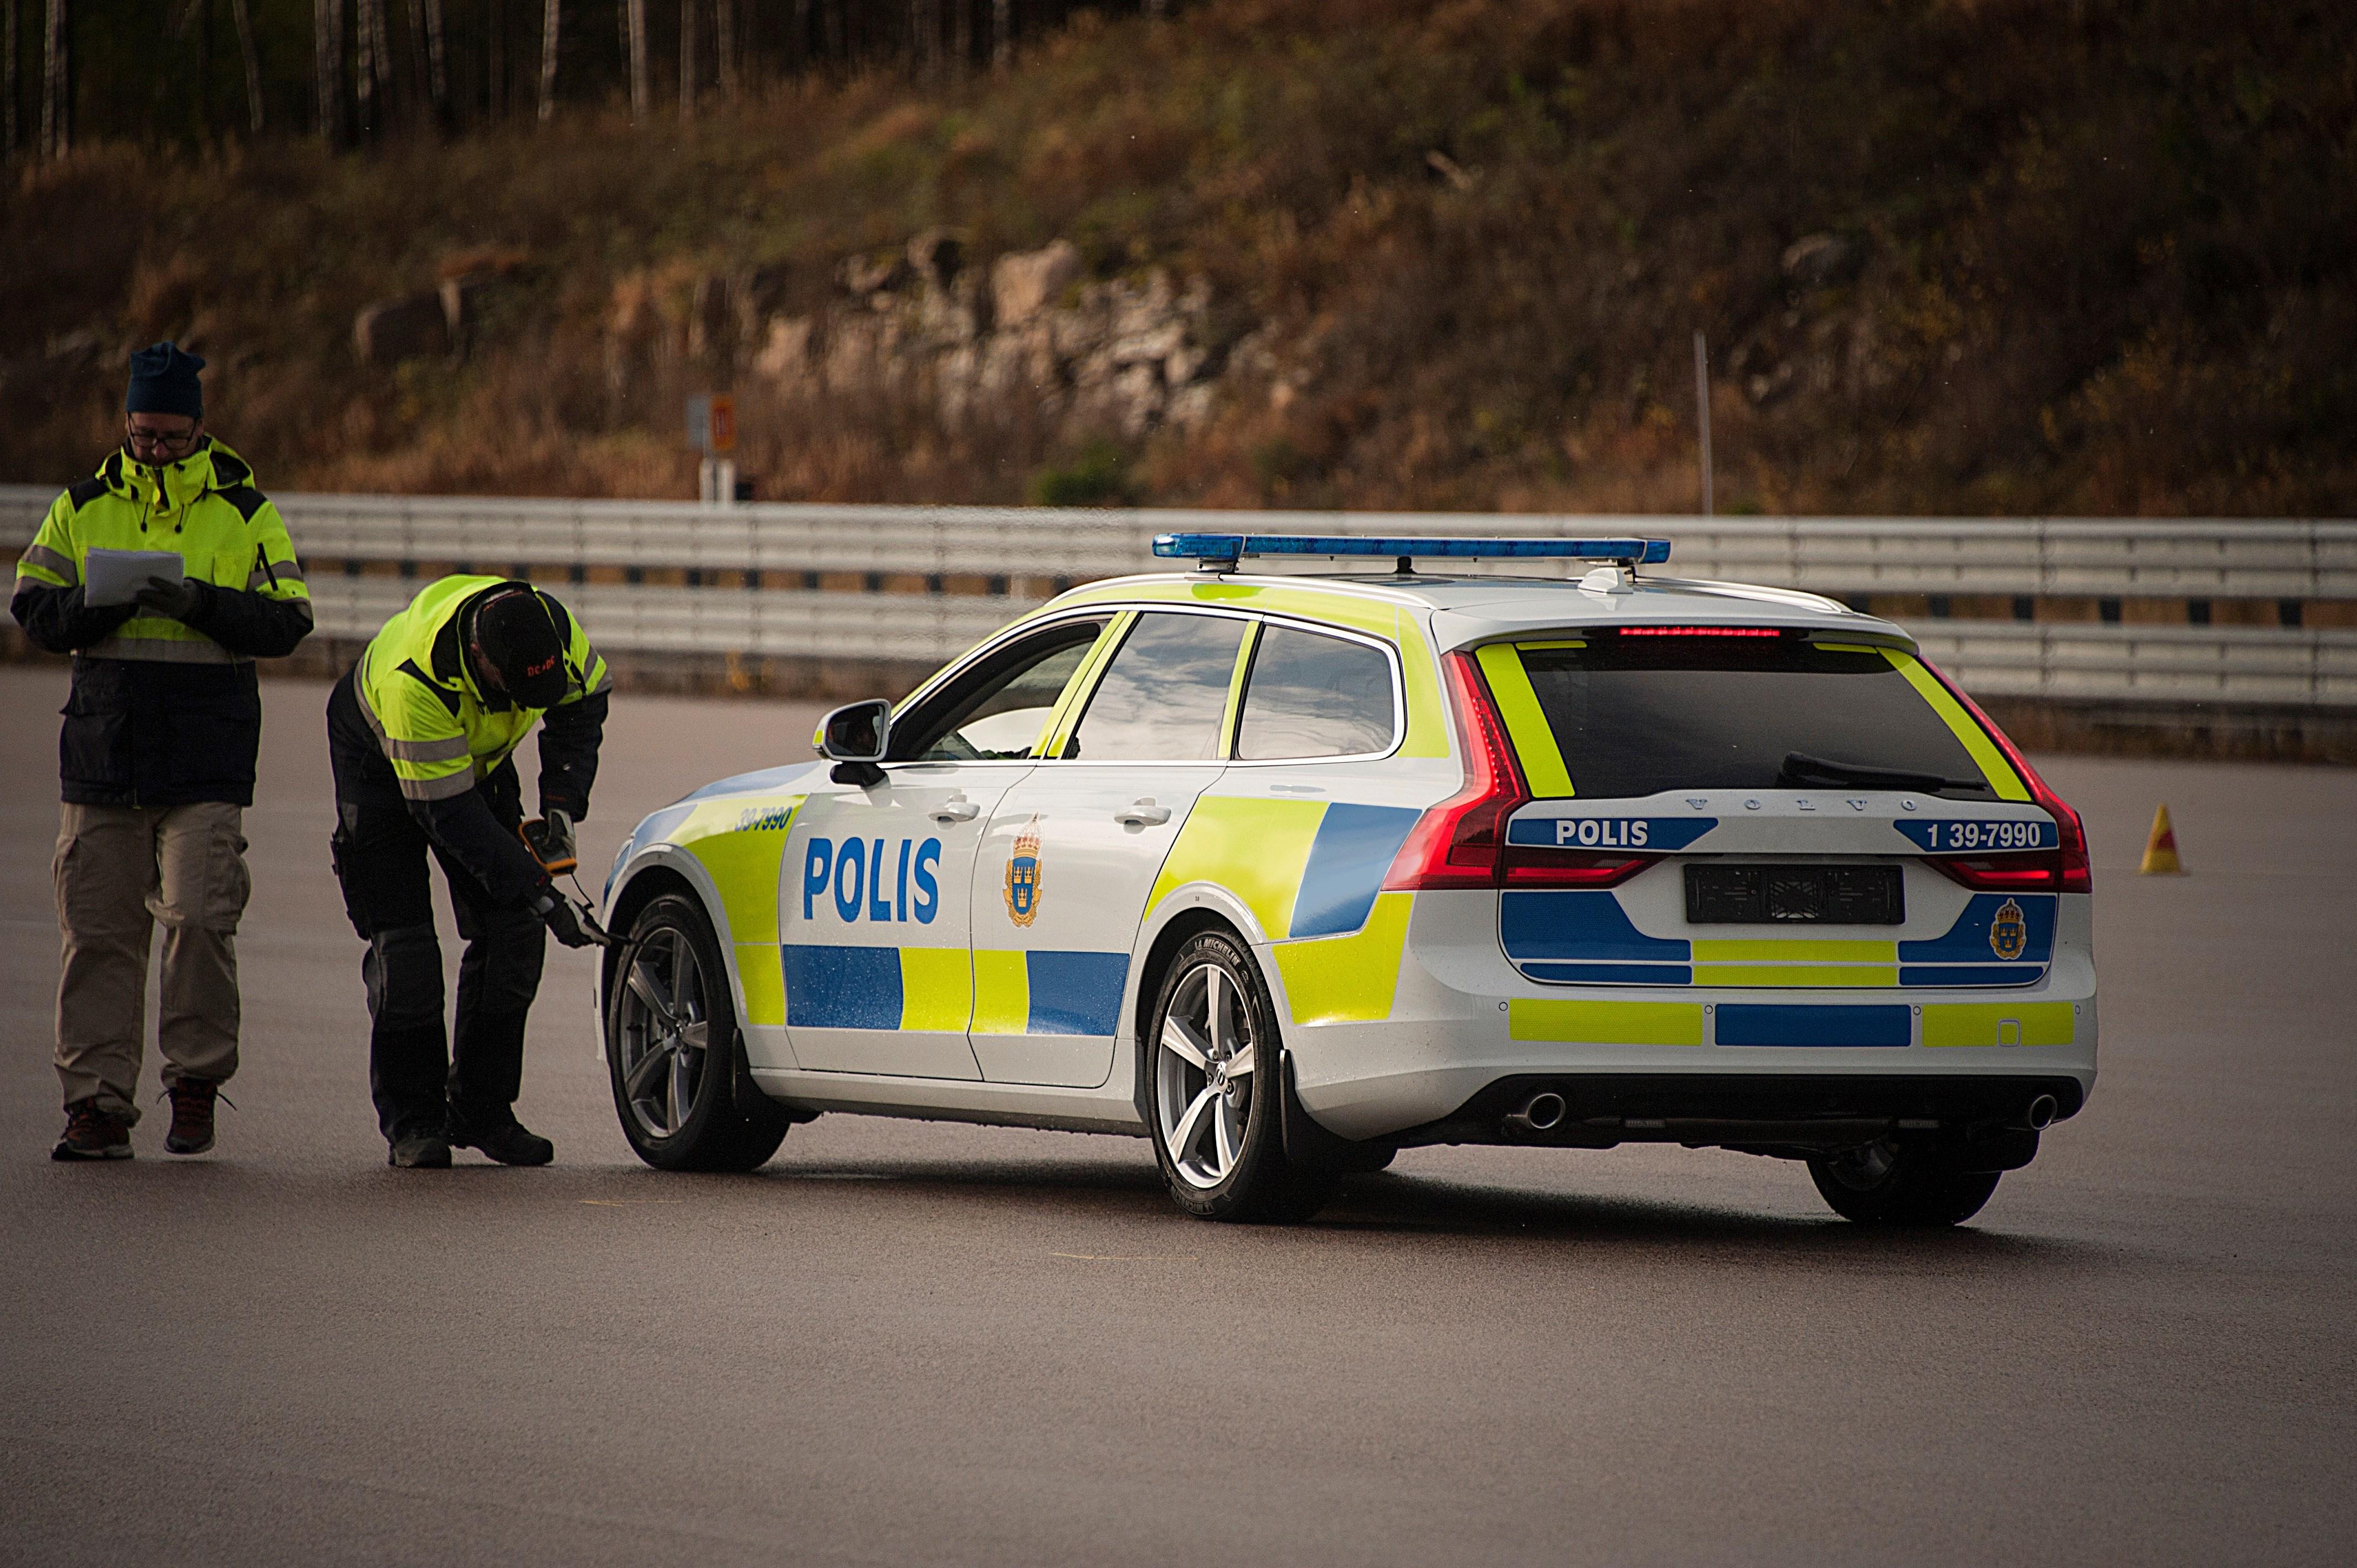 201322_volvo_v90_as_a_police_car.jpg